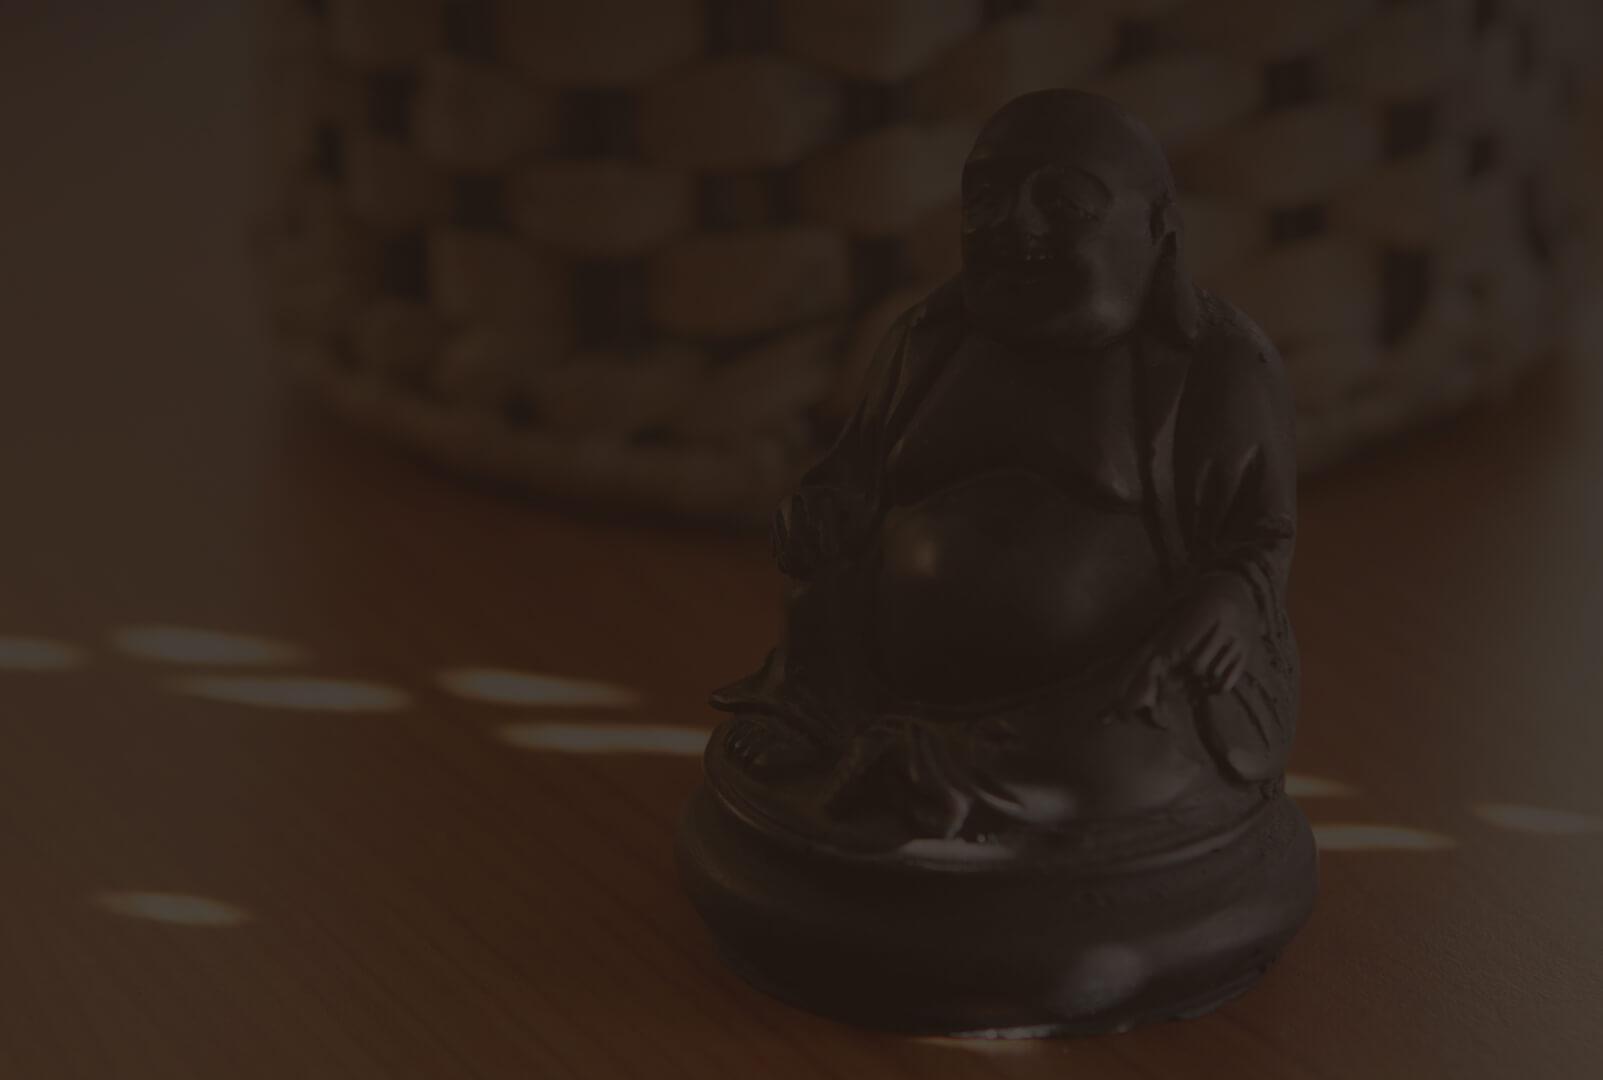 mała figurka na drewnianym blacie